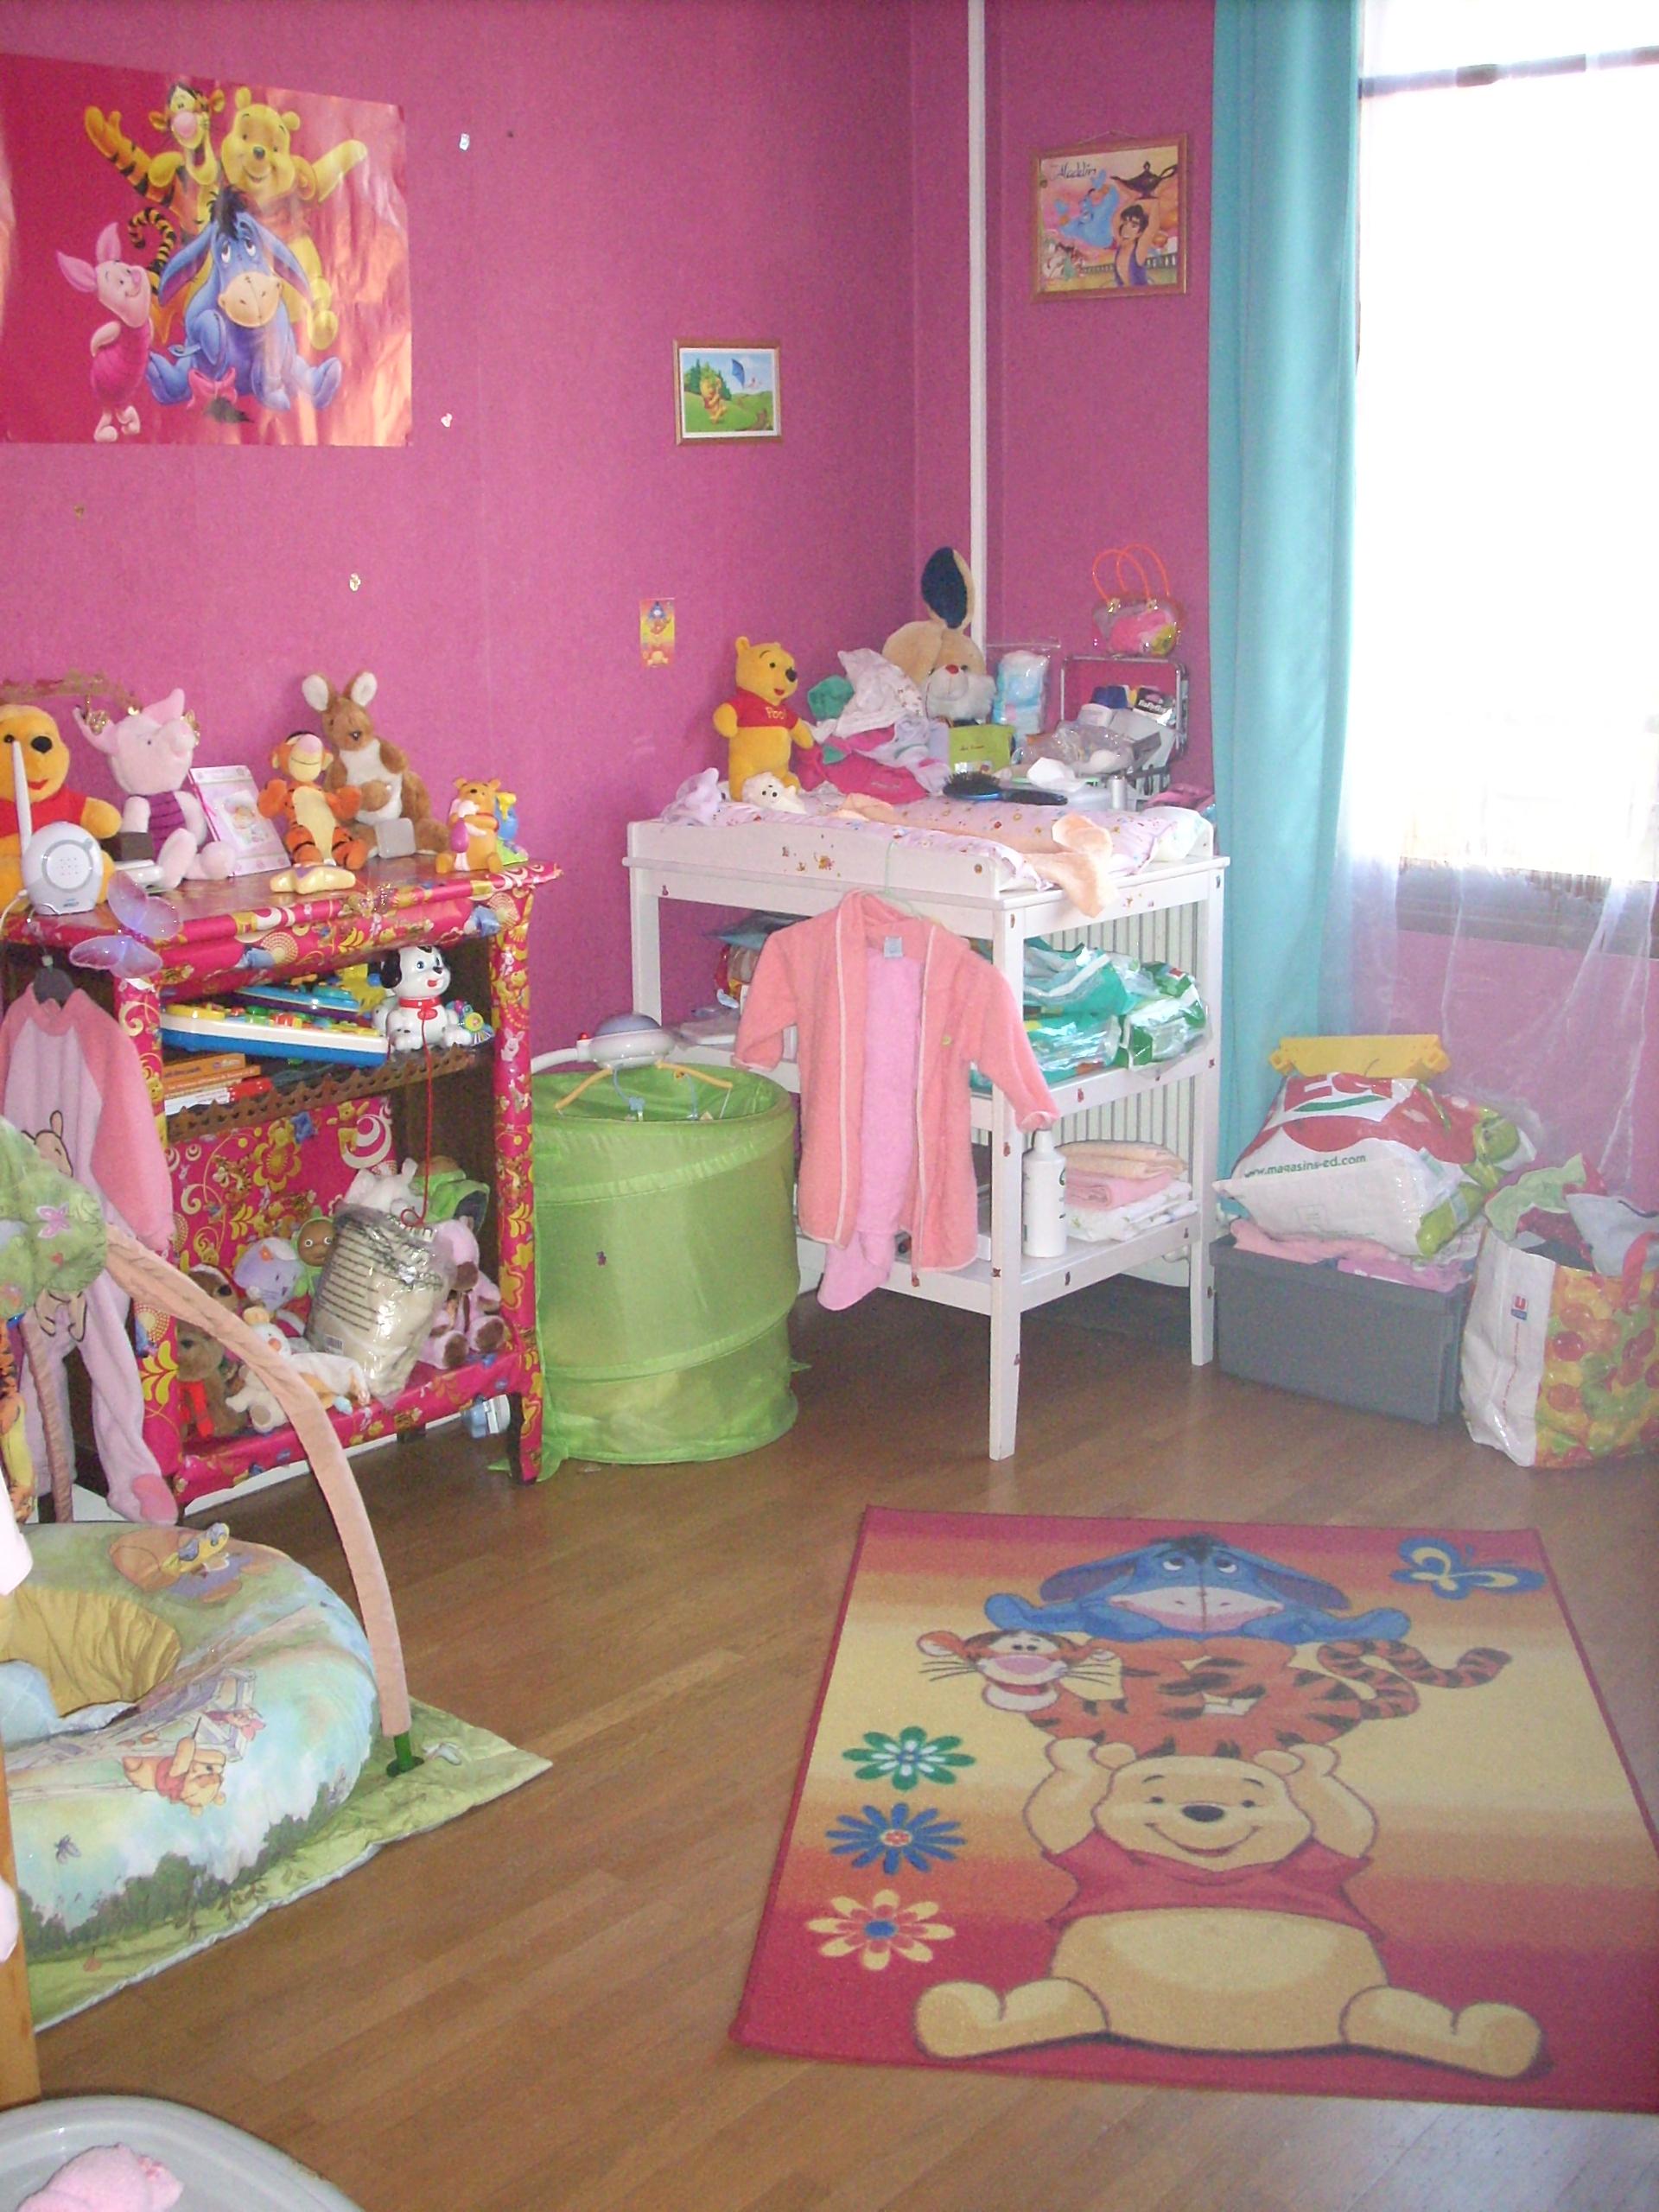 Chambre winnie l\'oursson bébé - Chambre de bébé - FORUM Grossesse & bébé